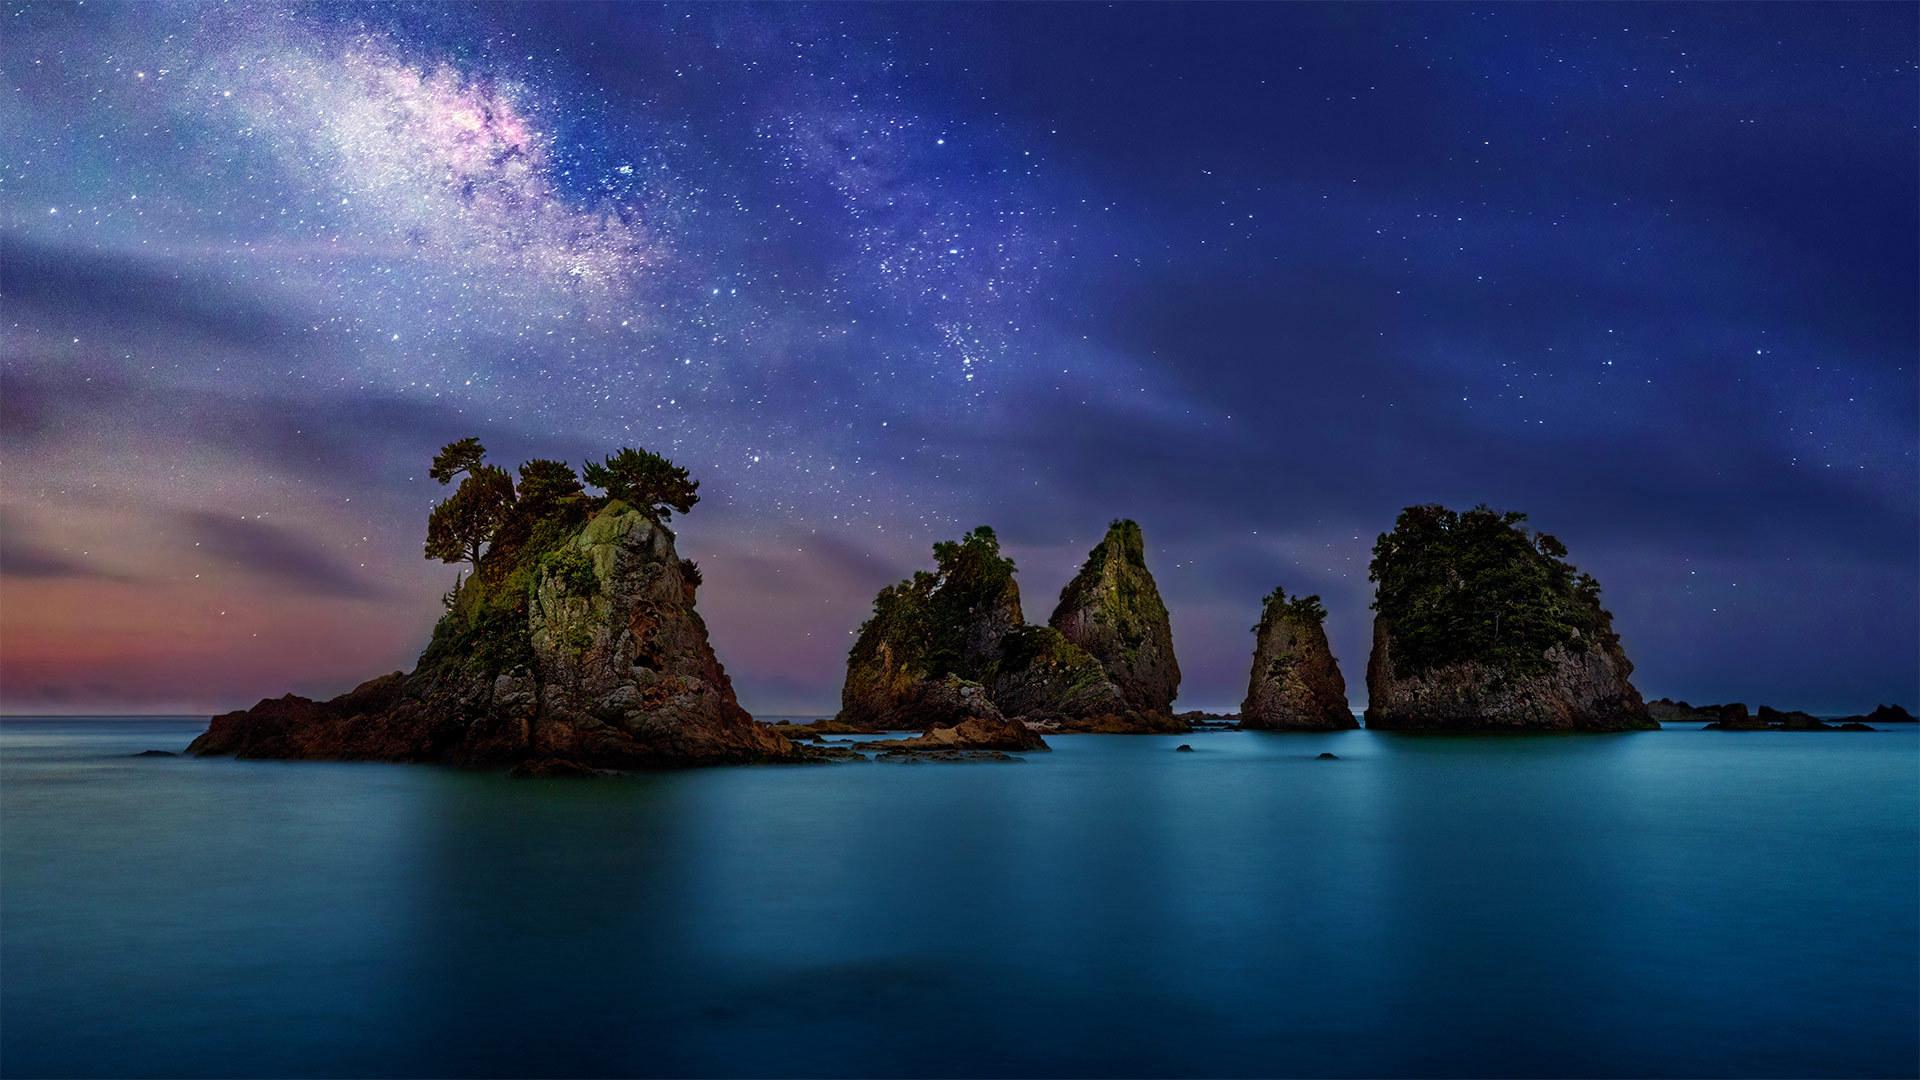 伊豆半岛海岸附近的 Minokake-Iwa 奇岩群伊豆半岛